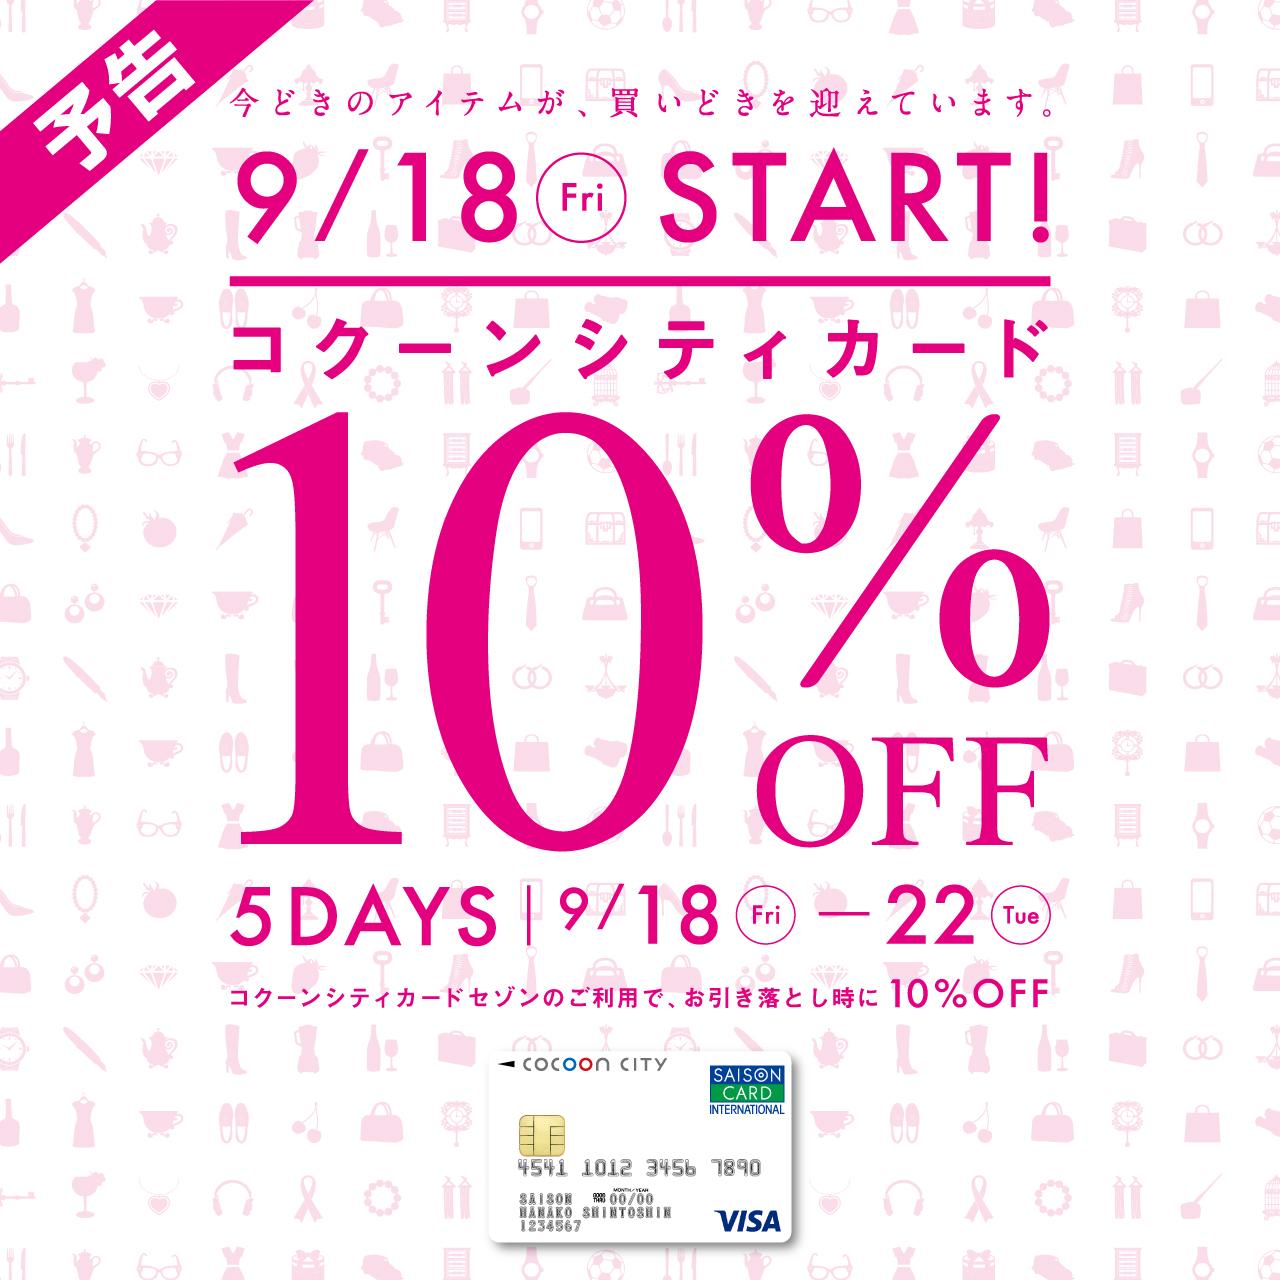 【9月18日(金)から】コクーンシティカード10%OFF!